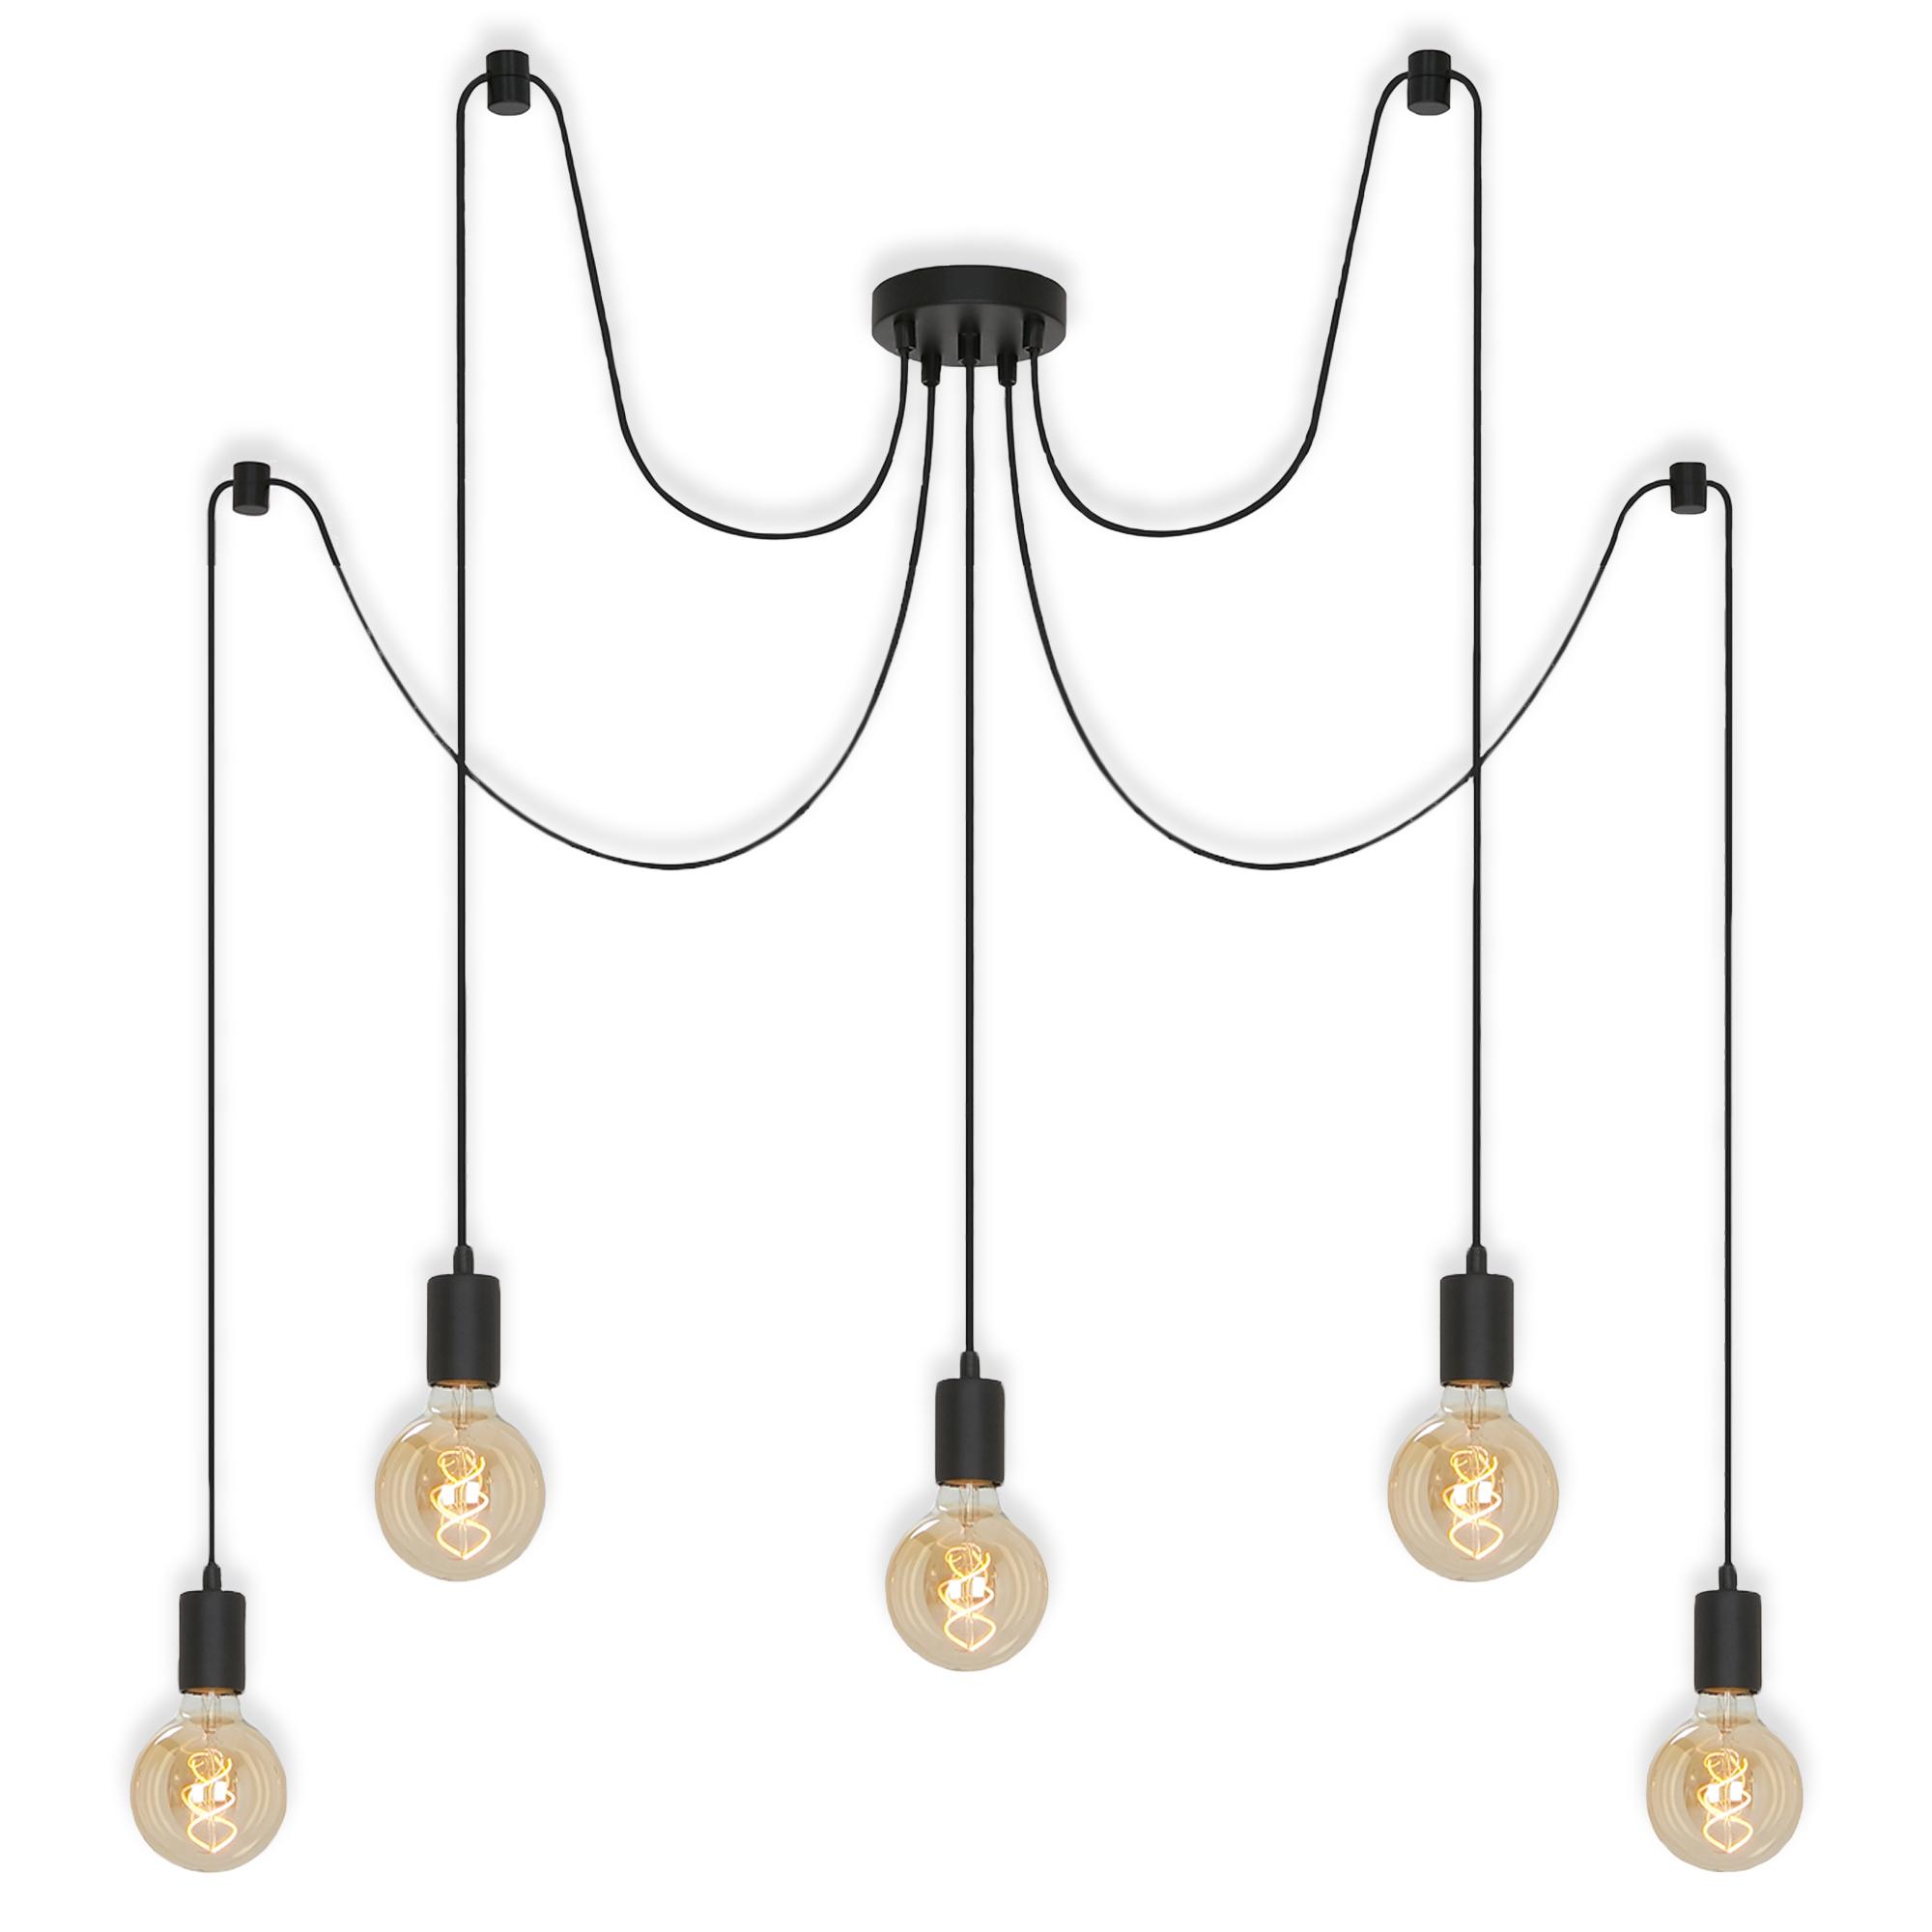 LED Deckenleuchte, Ø 100 cm, max. 60 W, Schwarz